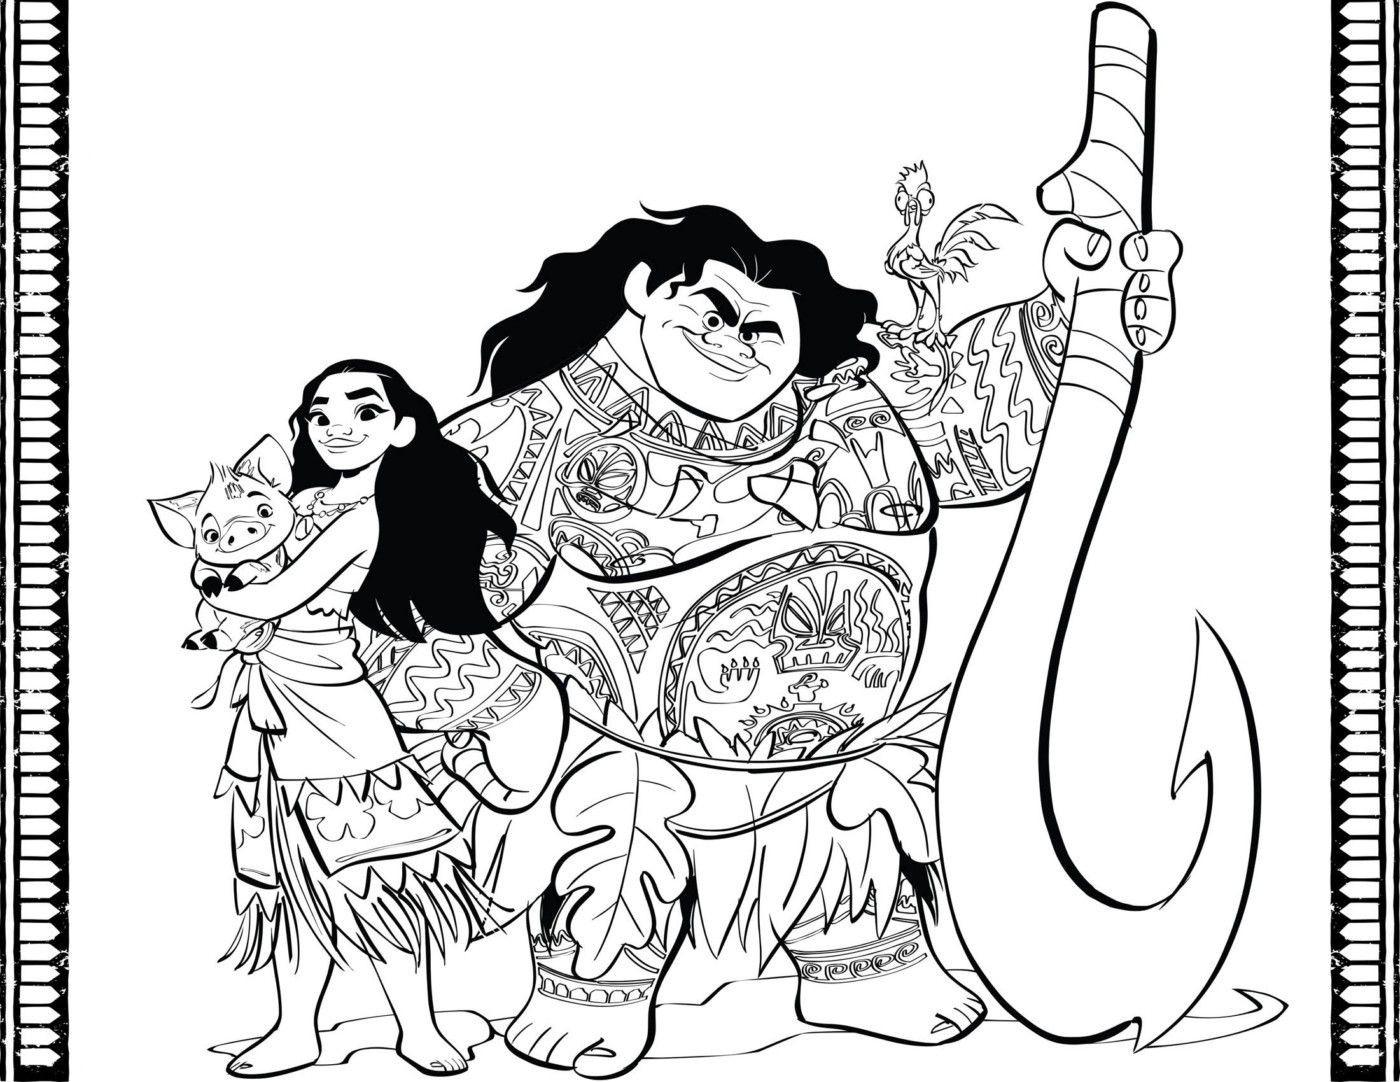 Ausmalbilder Disney Vaiana Genial Vaiana Kleurplaat Vaiana Maui Pua Sznező Das Bild